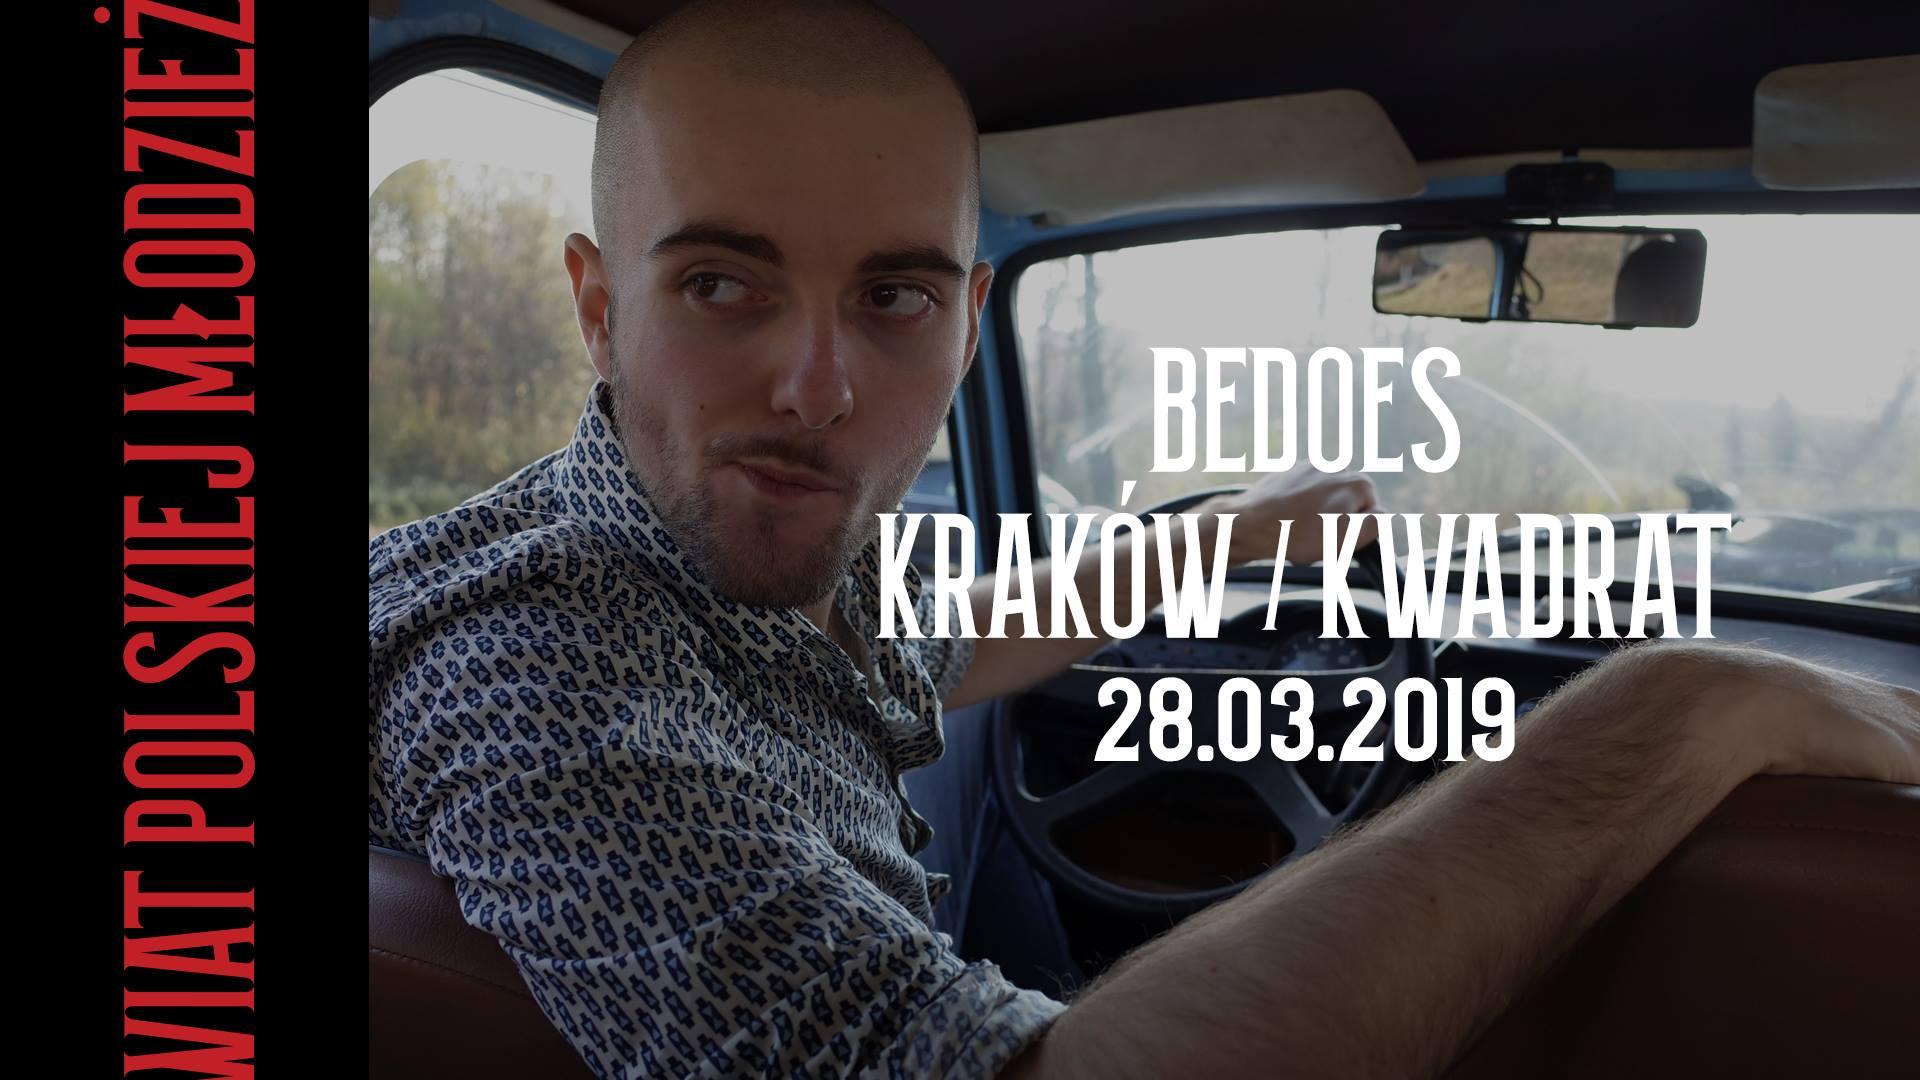 Bedoes - Kwiat Polskiej Młodzieży